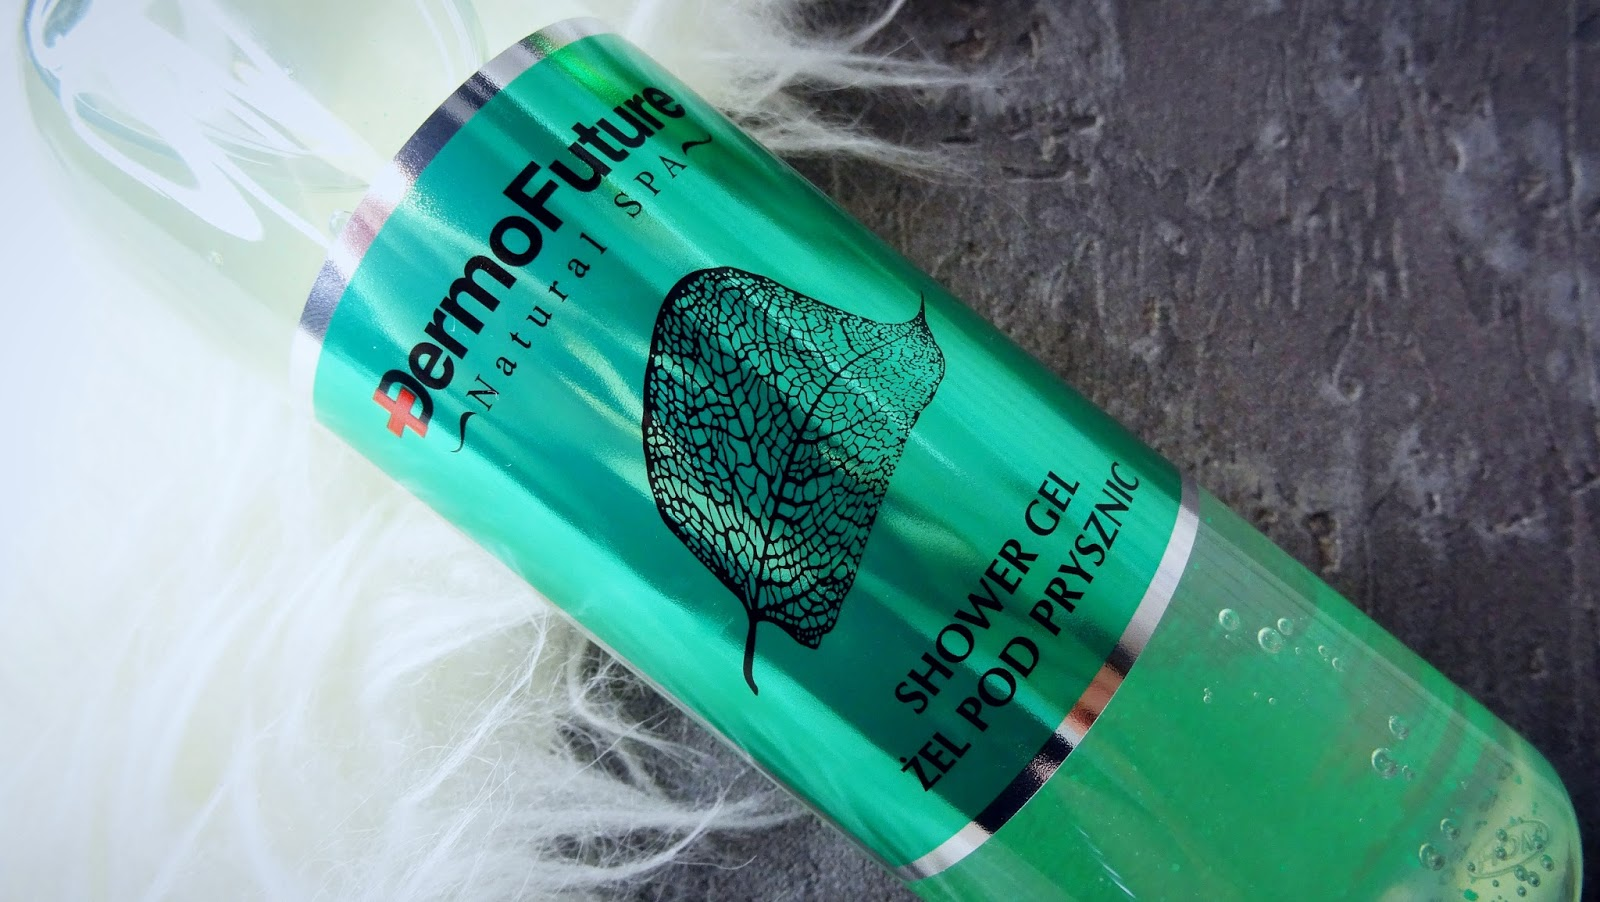 Zestaw Natural Spa Leaf Green z wyciągiem z zielonej herbaty i olejkiem z trawy cytrynowej, MEZOROLLER, HERBACIANE, HERBATA ZIELONA,  TRAWA CYTRYNOWA